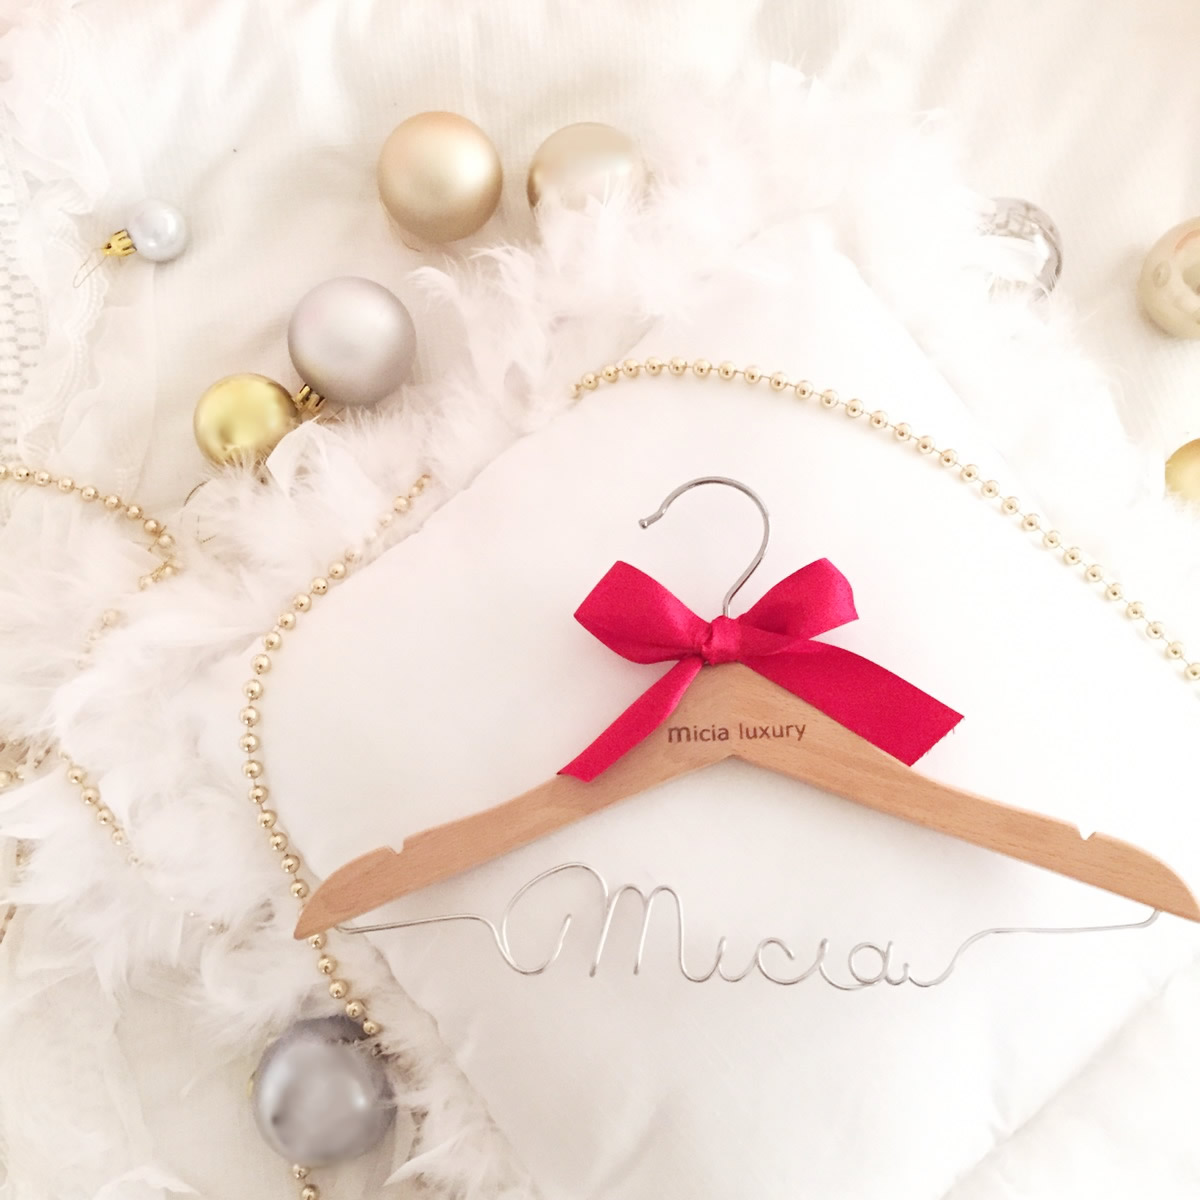 おとな名入れハンガー☆かわいいオリジナルハンガー☆何個も欲しくなるもらって嬉しいプレゼント♪